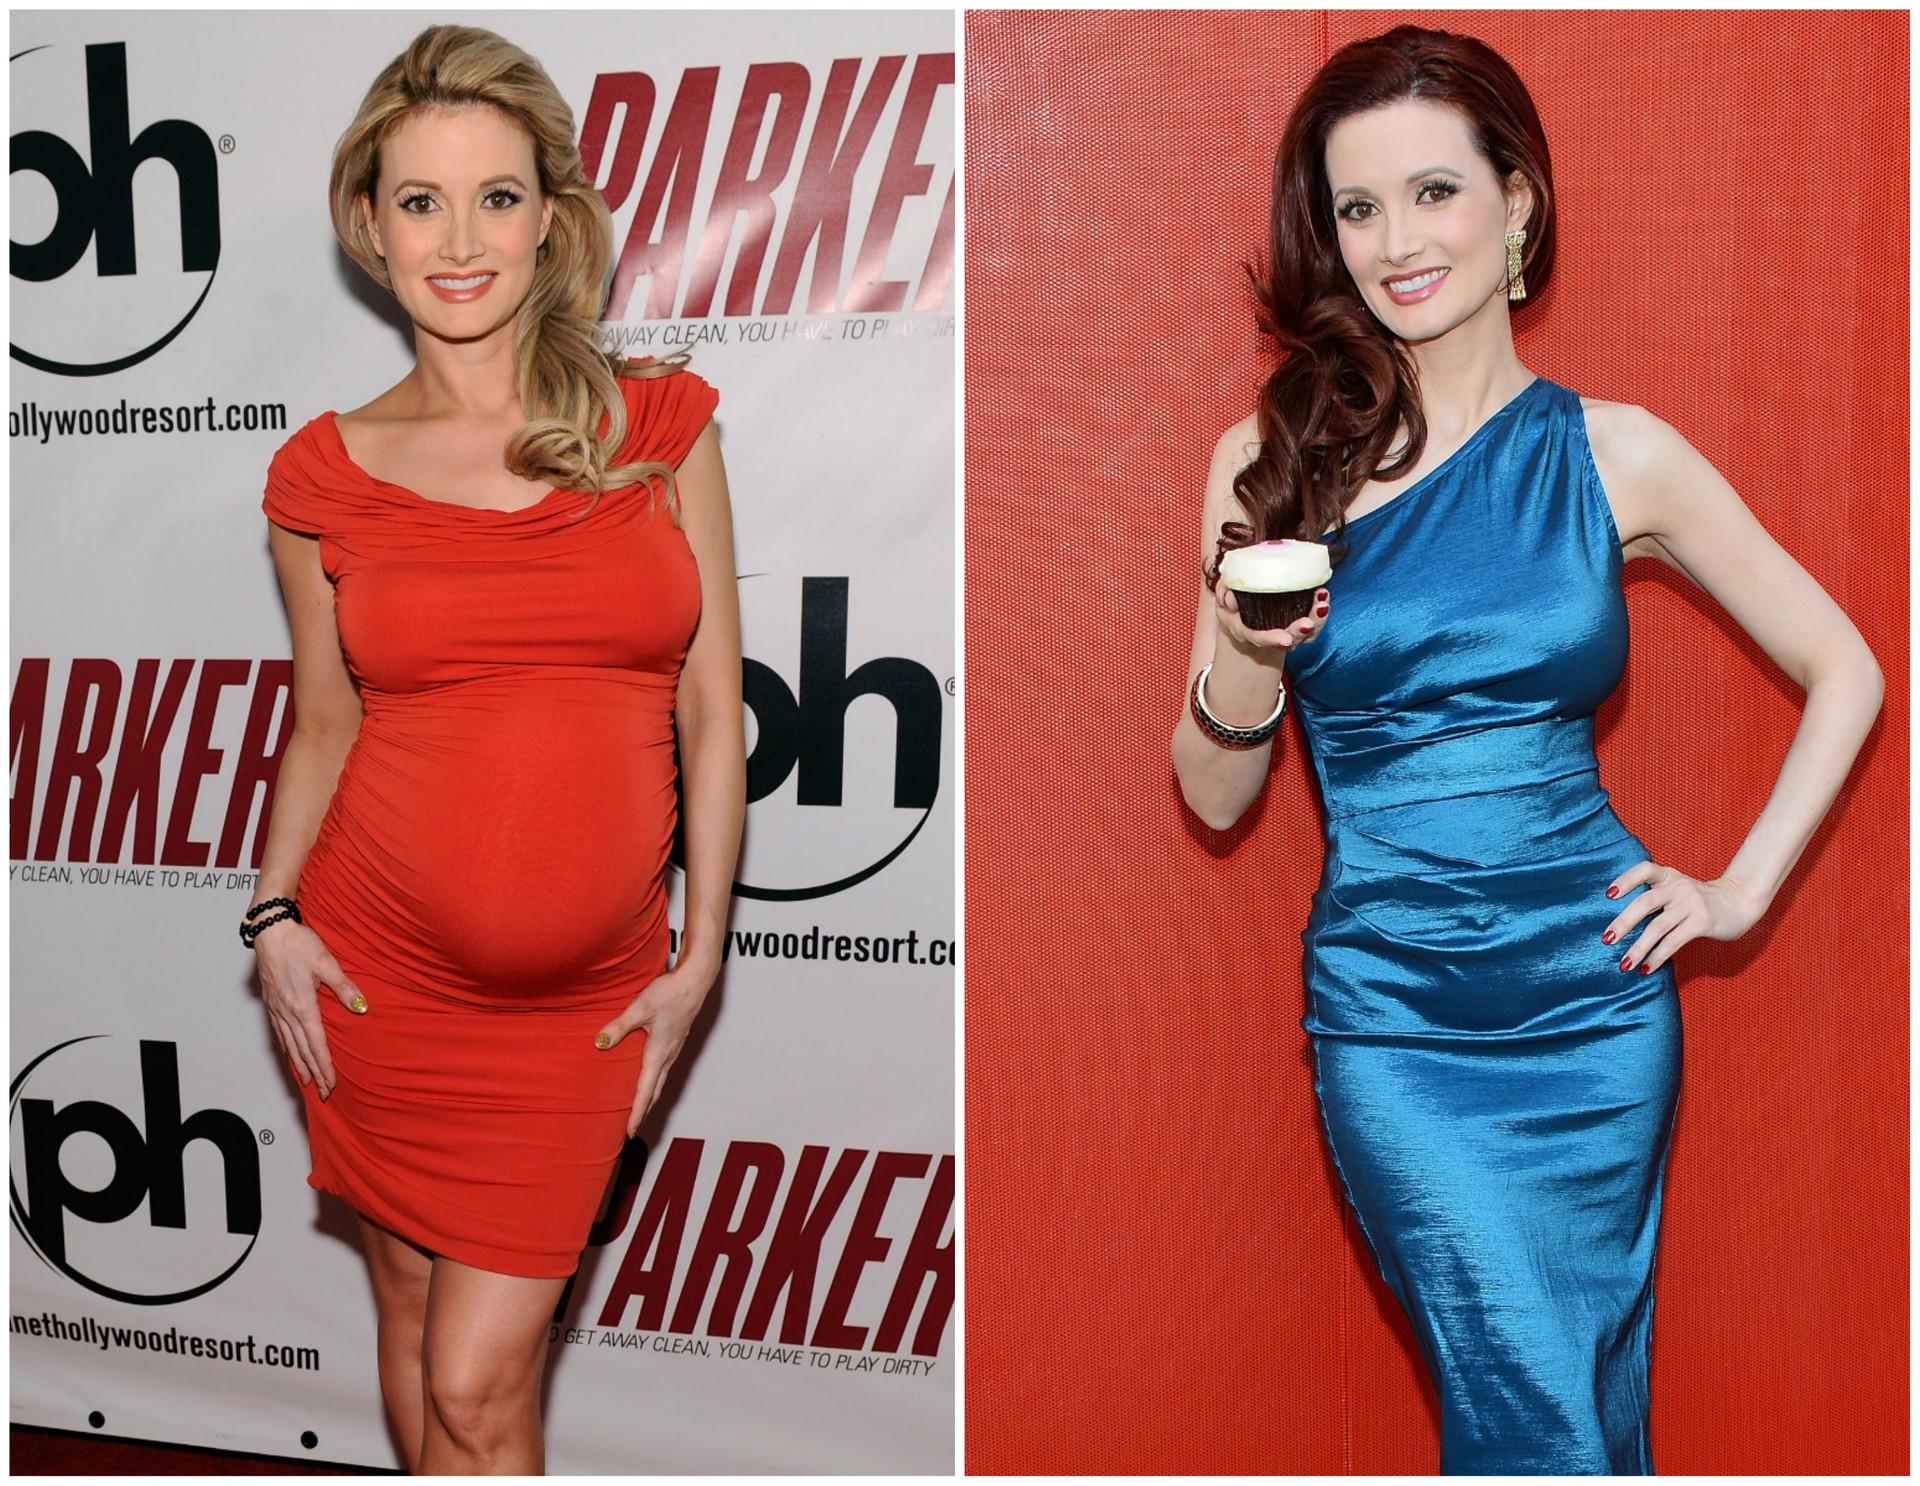 A modelo e apresentadora Holly Madison em janeiro de 2013 (à esq.) e em março de 2014. A filha dela, Rainbow Aurora Rotella, nasceu em 5 de março do ano passado. (Foto: Getty Images)